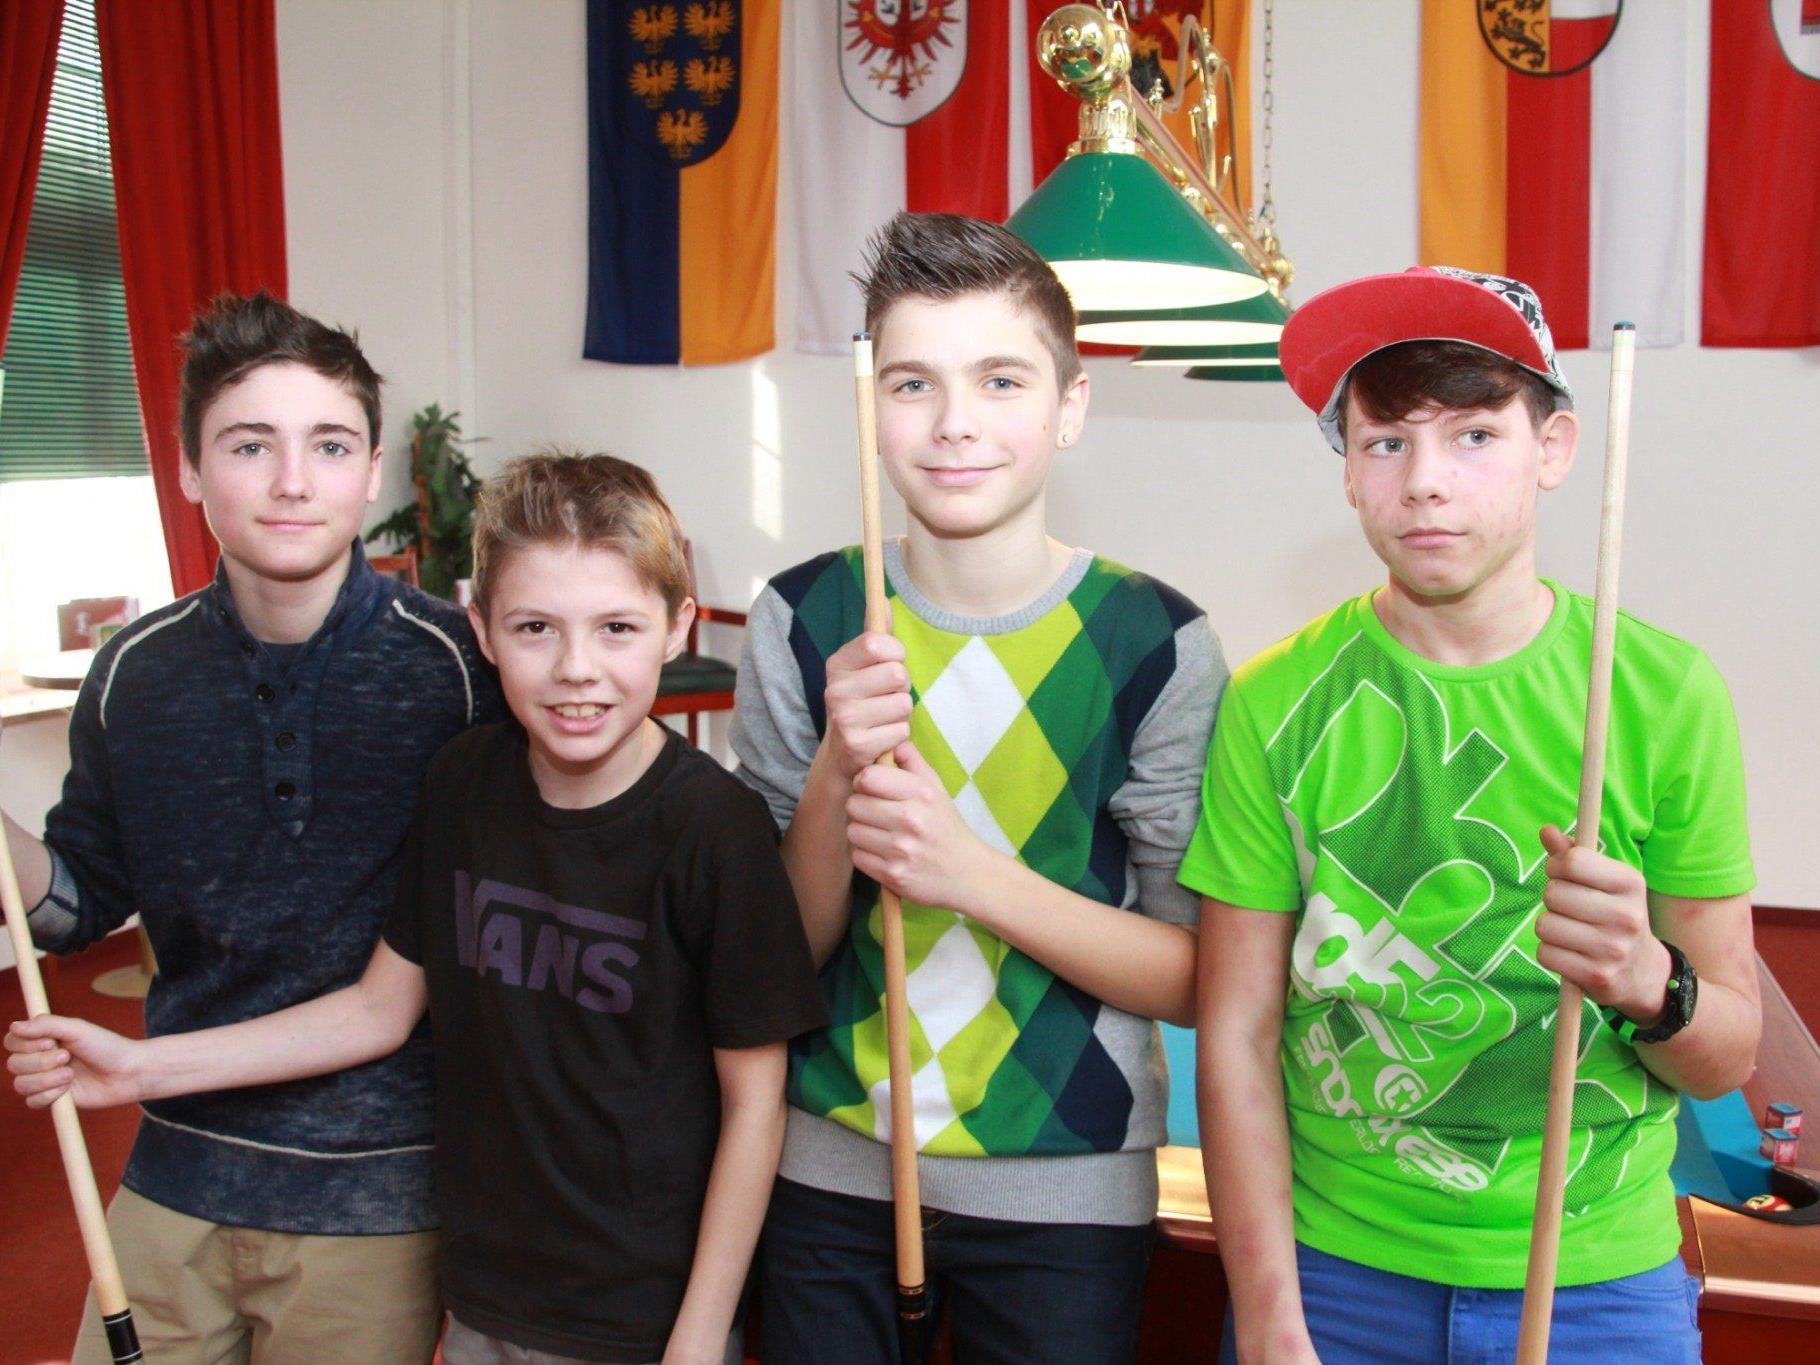 Robin, Sandro, Stefan, Luka waren begeistert vom Billard-Schnupperkurs